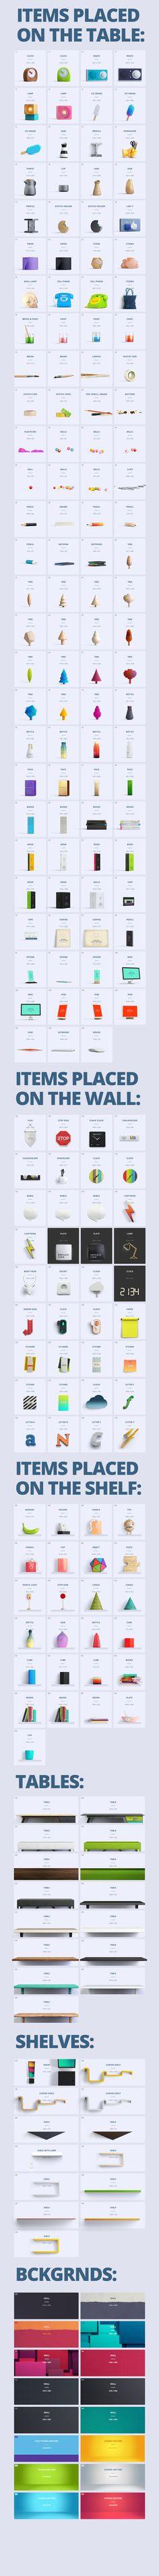 책상,선반,테이블 위 오브젝트 그래픽 :: Web Design Curating